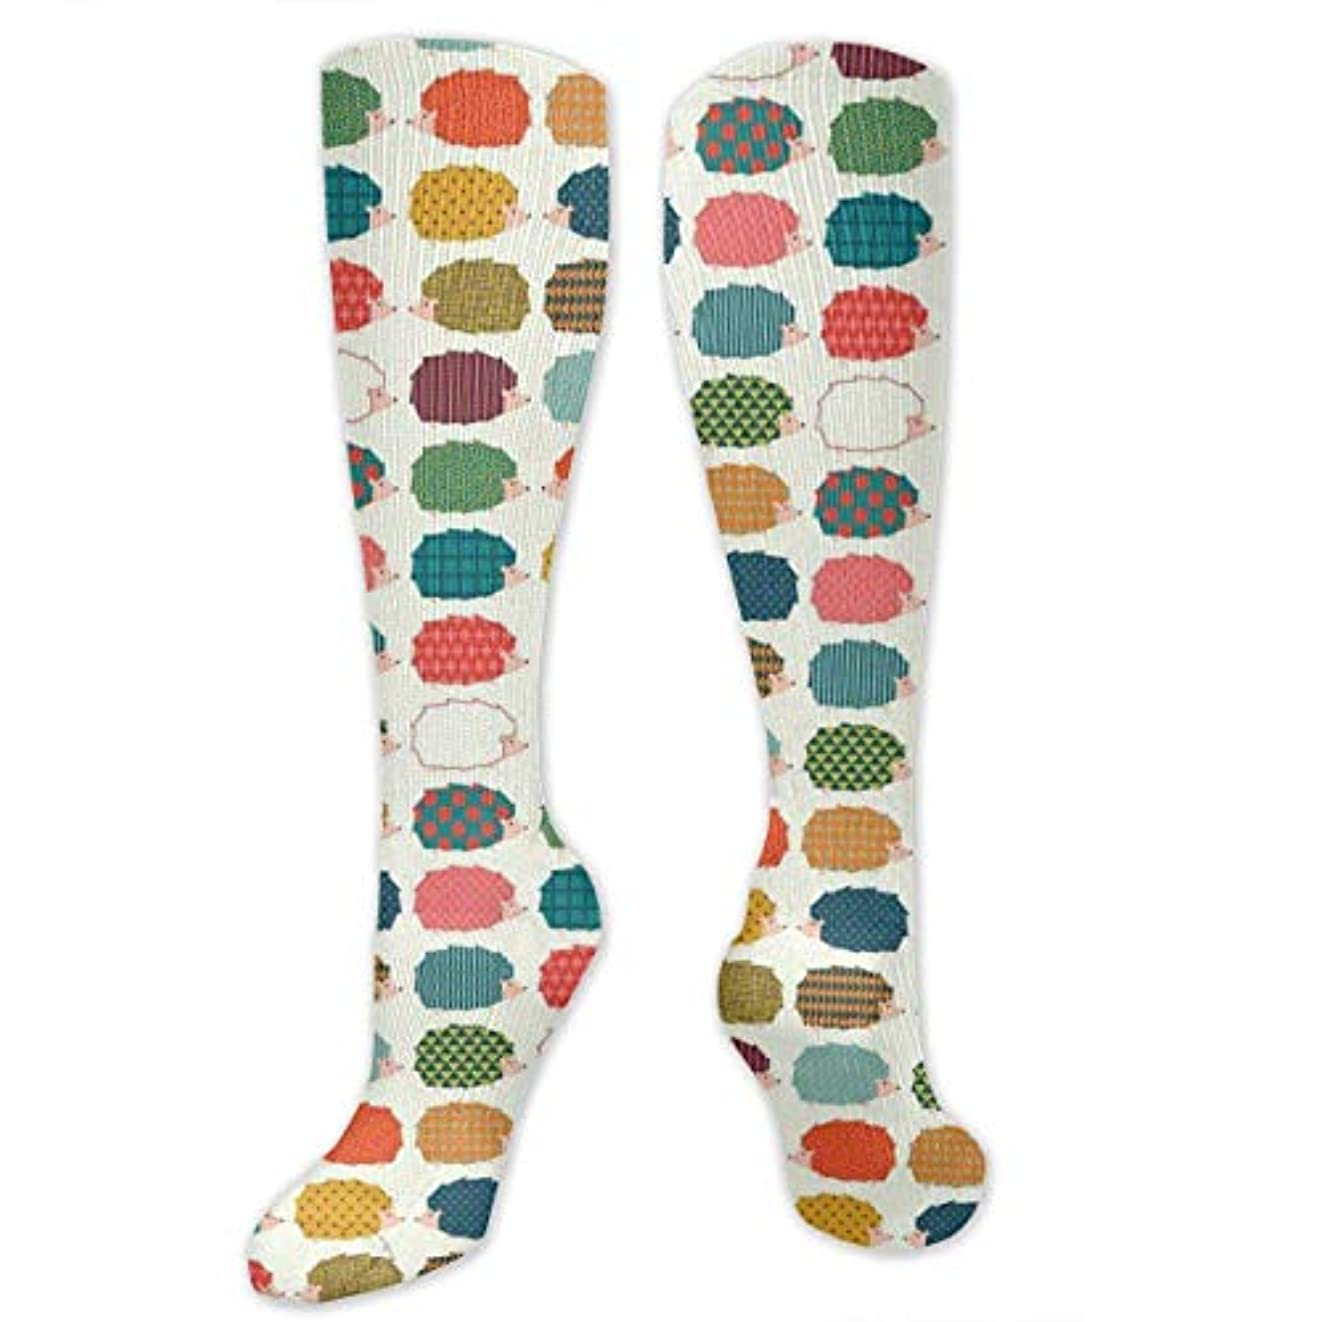 気怠いに向けて出発楽な靴下,ストッキング,野生のジョーカー,実際,秋の本質,冬必須,サマーウェア&RBXAA Cute Colorful Hedgies White Socks Women's Winter Cotton Long Tube...